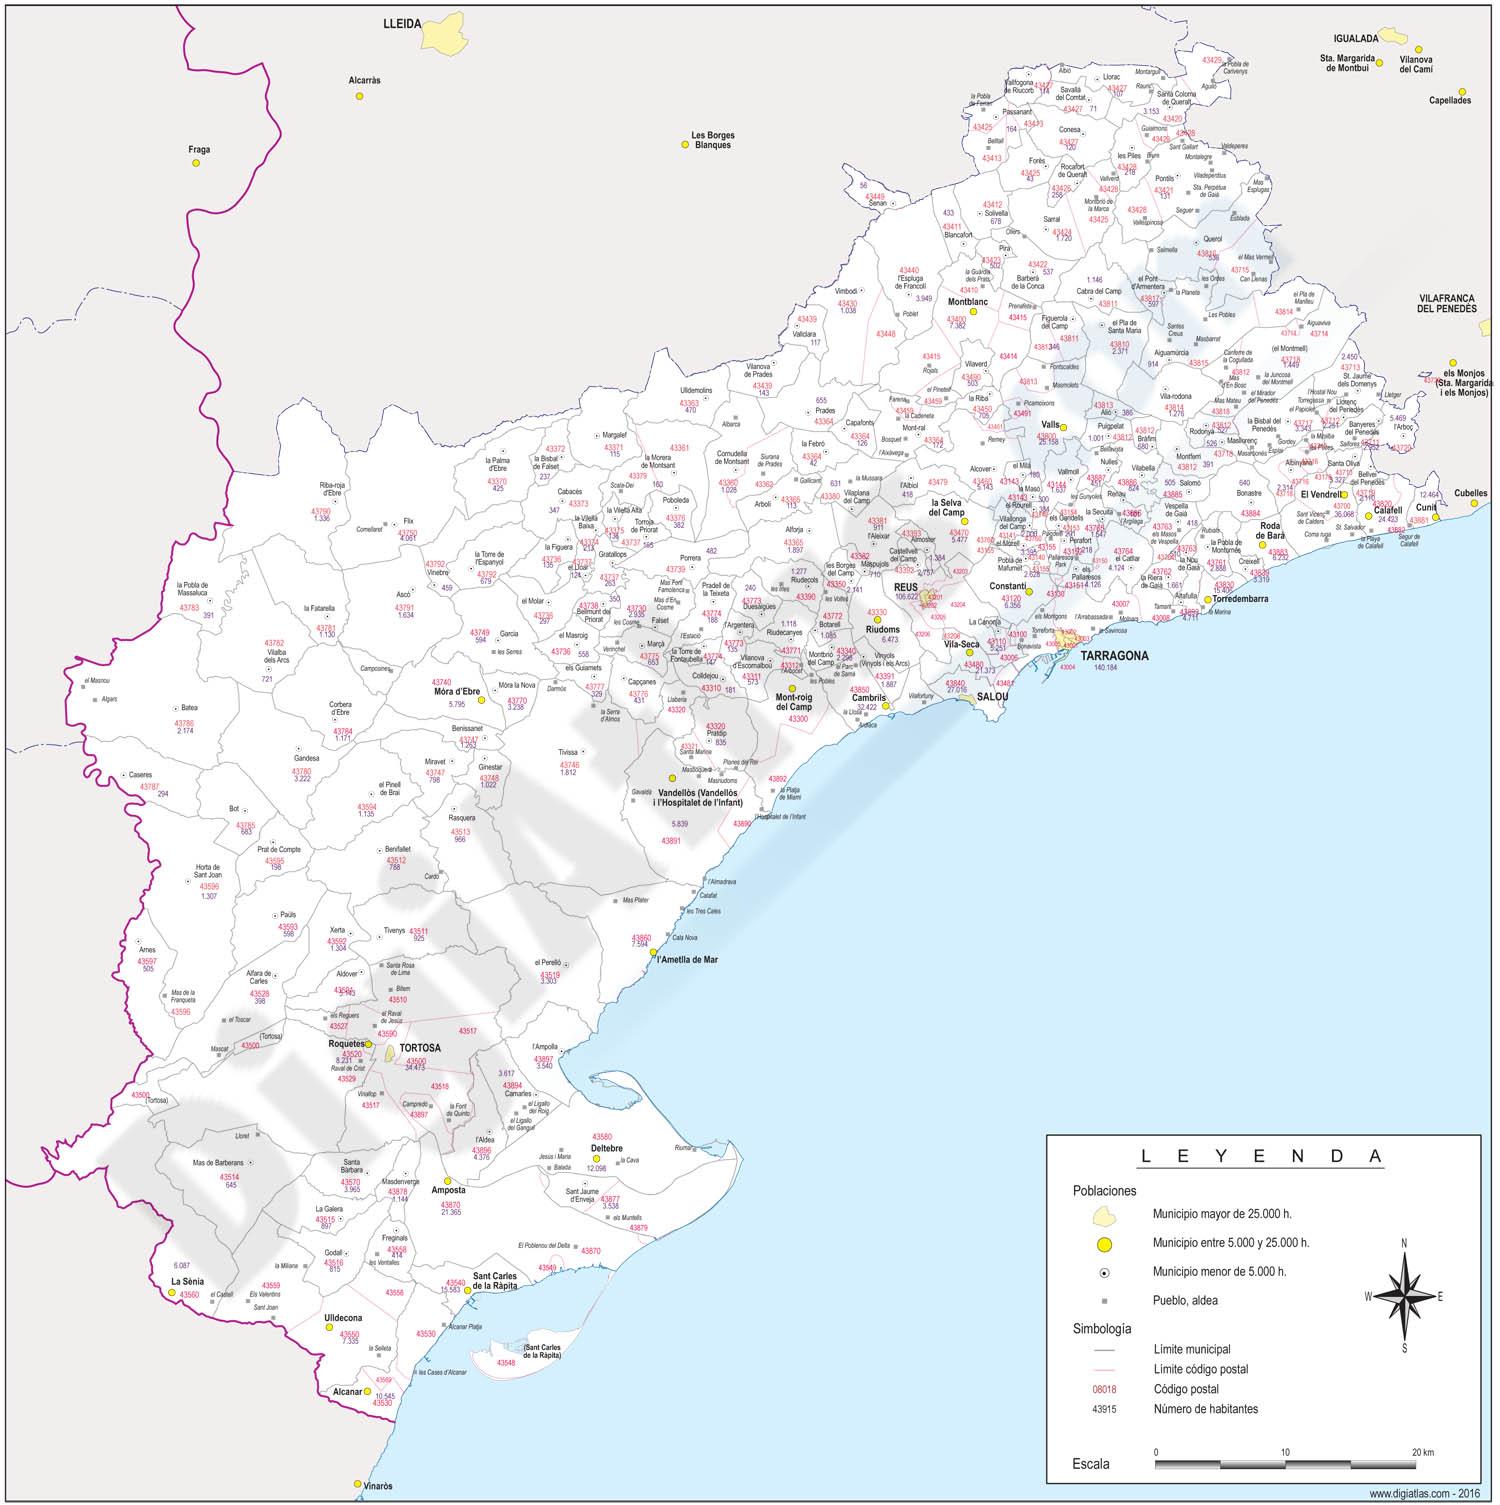 Tarragona - mapa provincial con municipios, códigos postales y habitantes